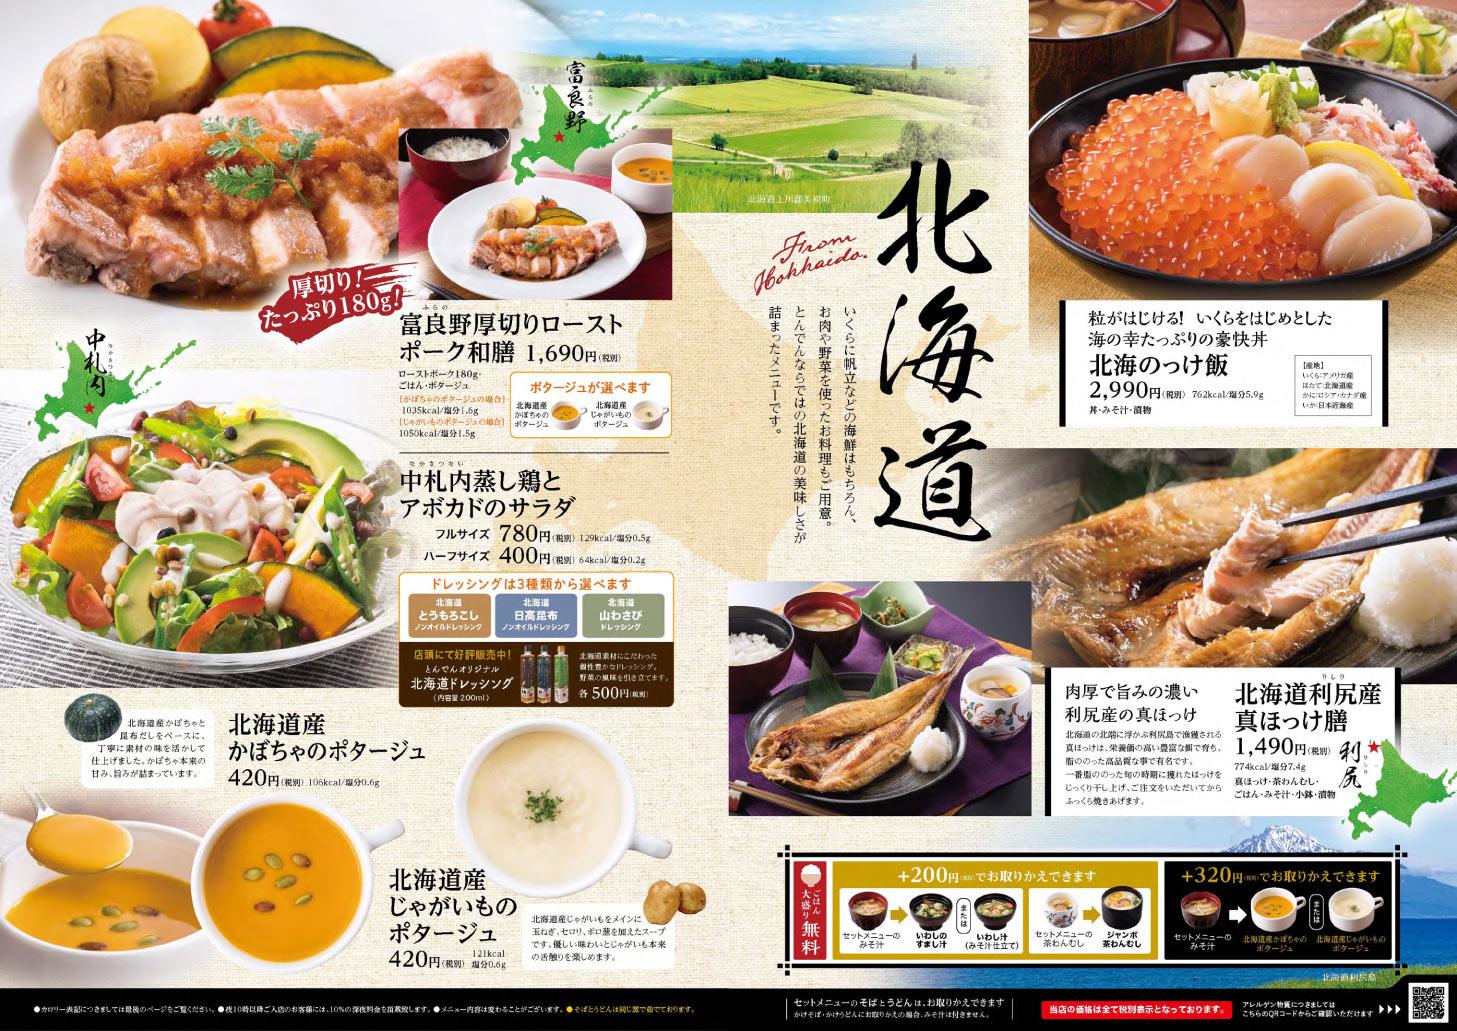 """北海道生まれの和食レストランで北海道を思いっきり味わう! 「とんでん」が北海道の海や大地の恵みを活かした新鮮で美味しい""""新メニュー""""でおもてなし!"""